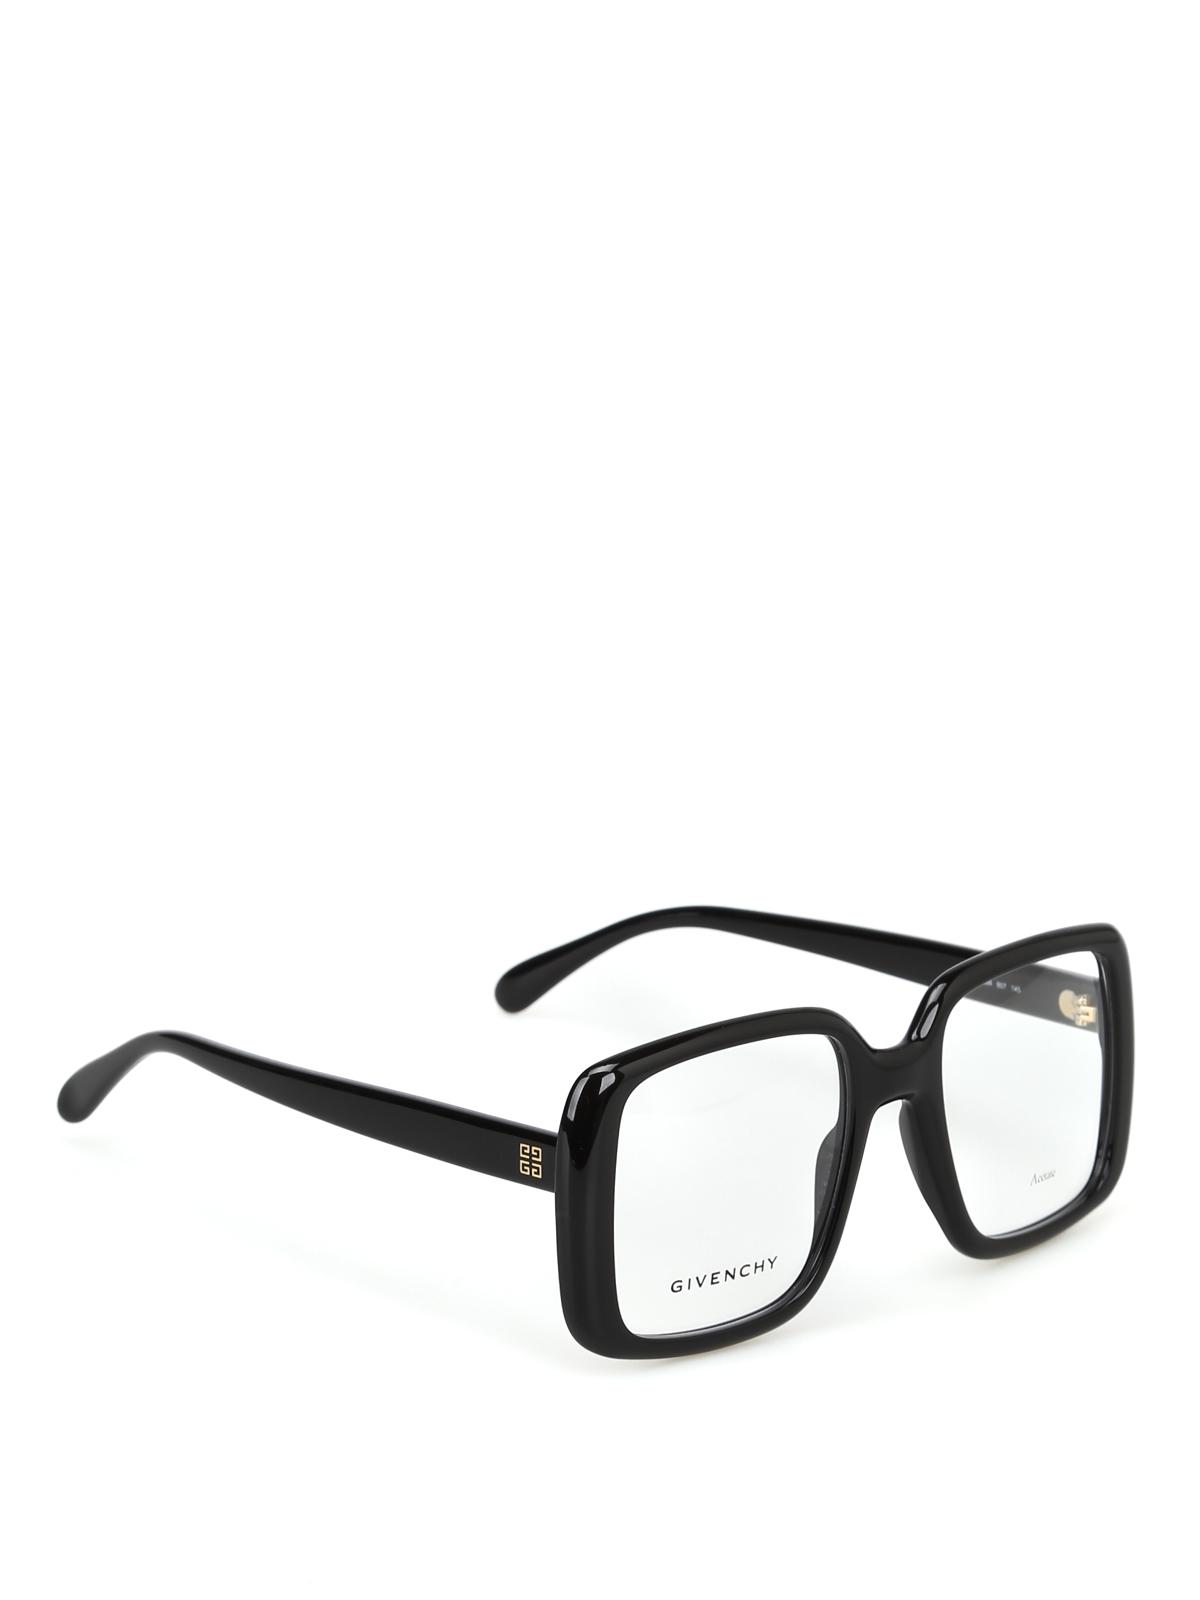 comprare popolare 2b738 a0a14 Givenchy - Occhiali da vista quadrati neri - occhiali ...